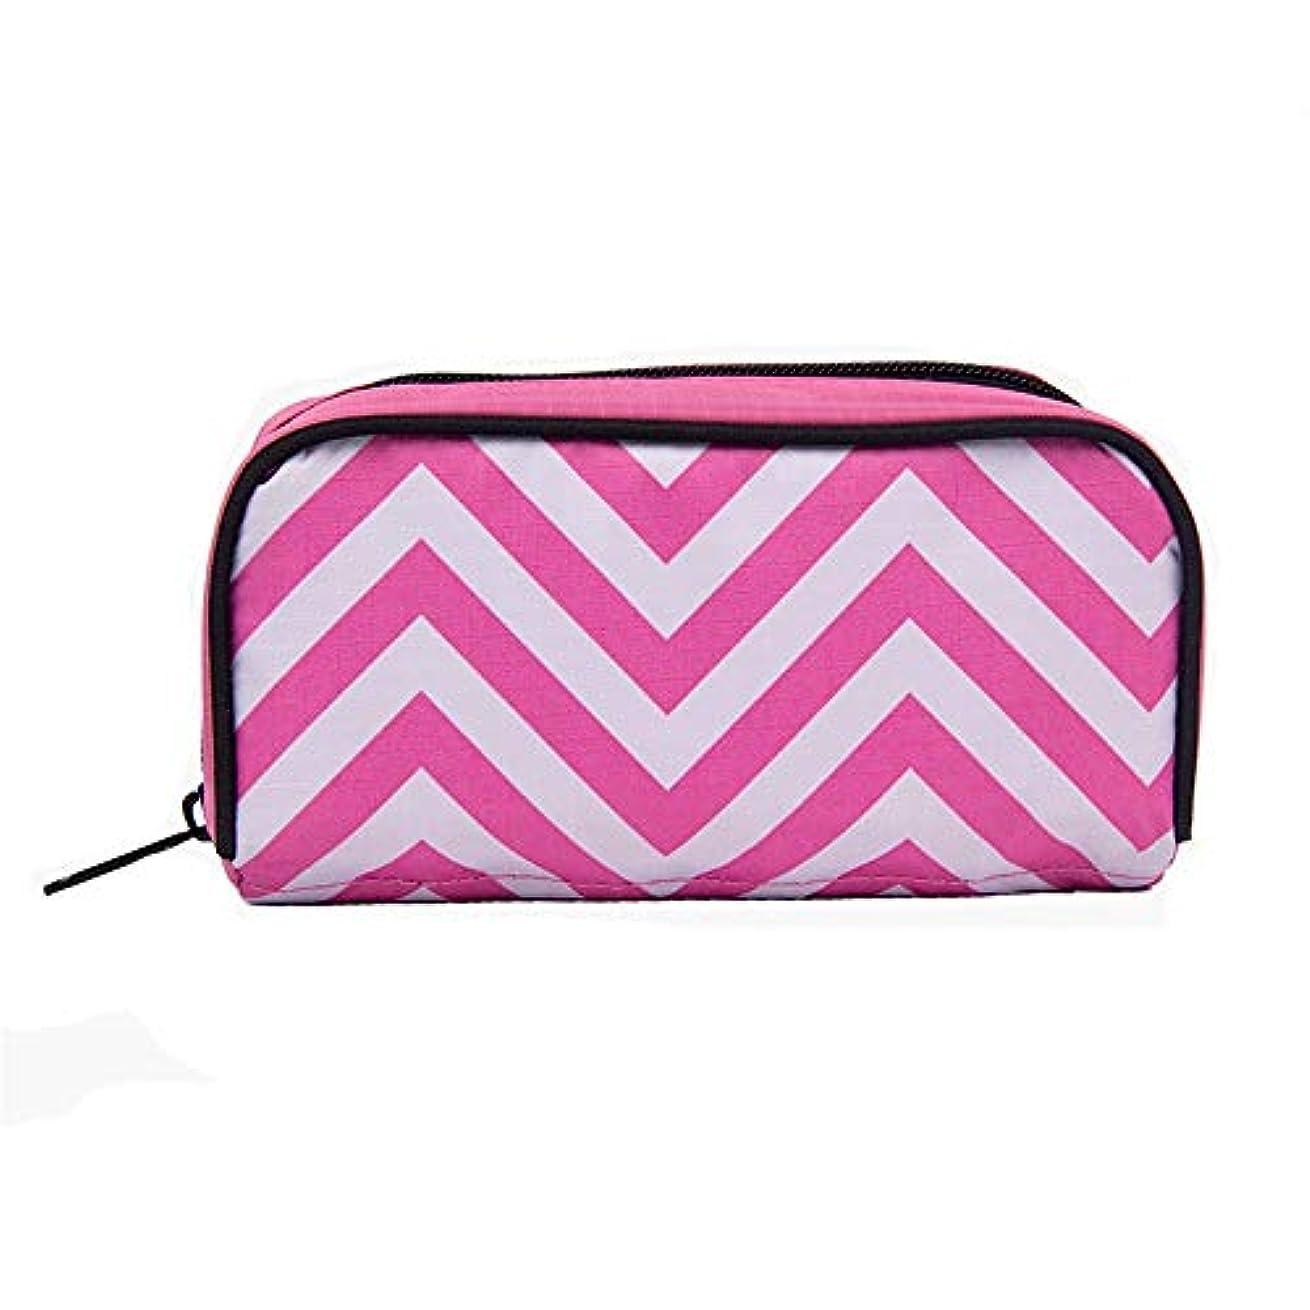 ポスター罰より良い精油ケース ローラーボトル用ケースプレミアム保護キャリングエッセンシャルオイルは、旅行ピンクの場合は最大10本のボトルパーフェクトを保護します 携帯便利 (色 : ピンク, サイズ : 17X8.5X6CM)